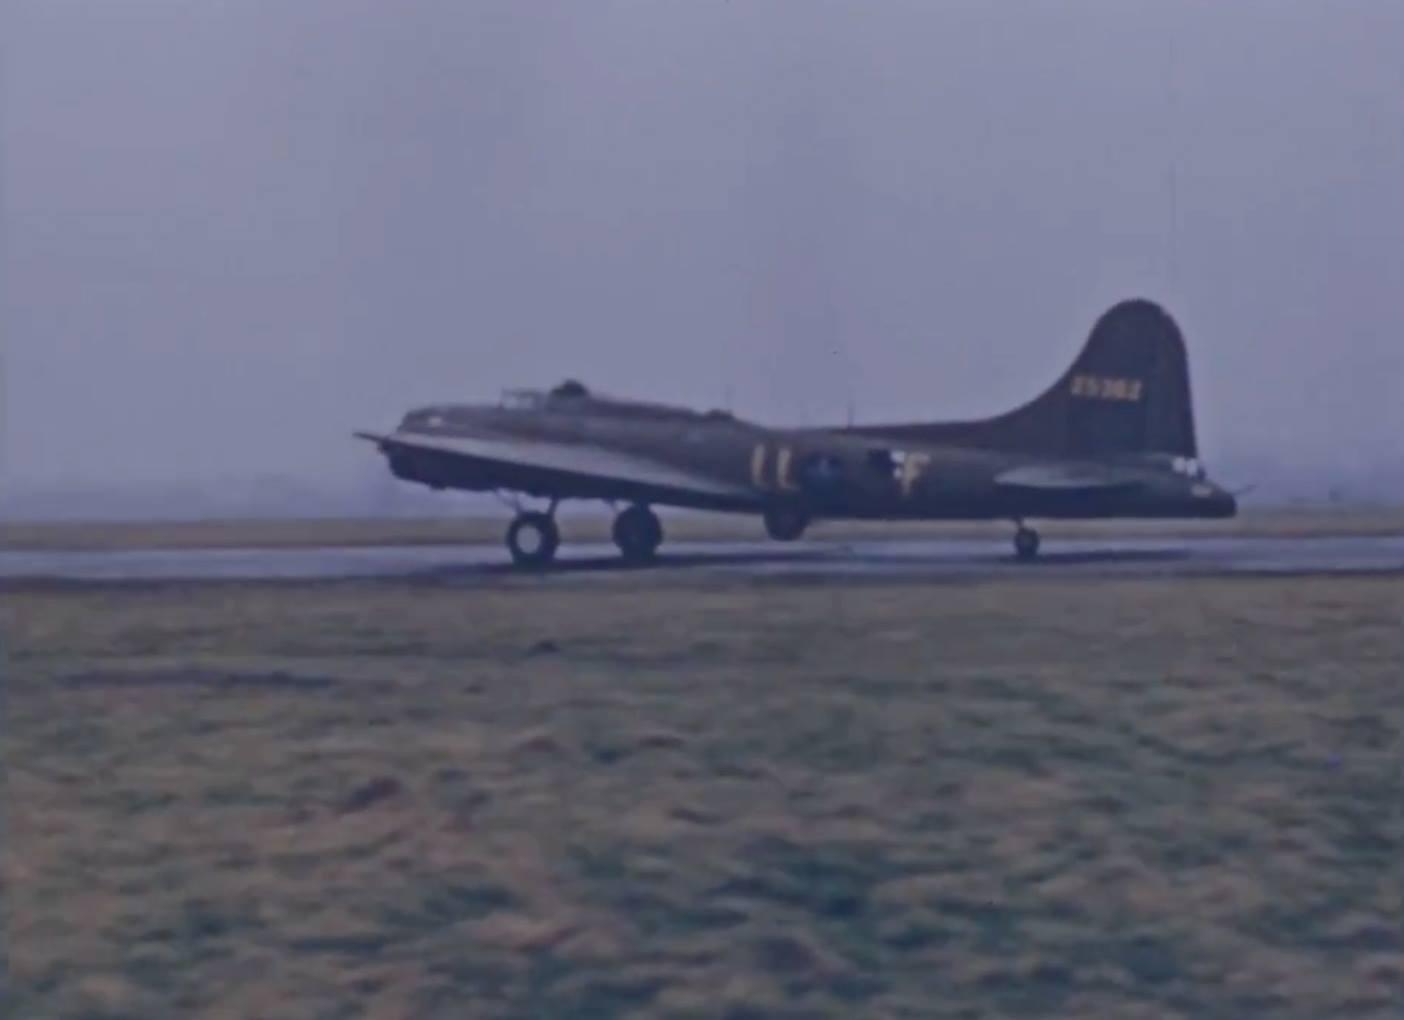 B-17 #42-5362 / Short Snorter II